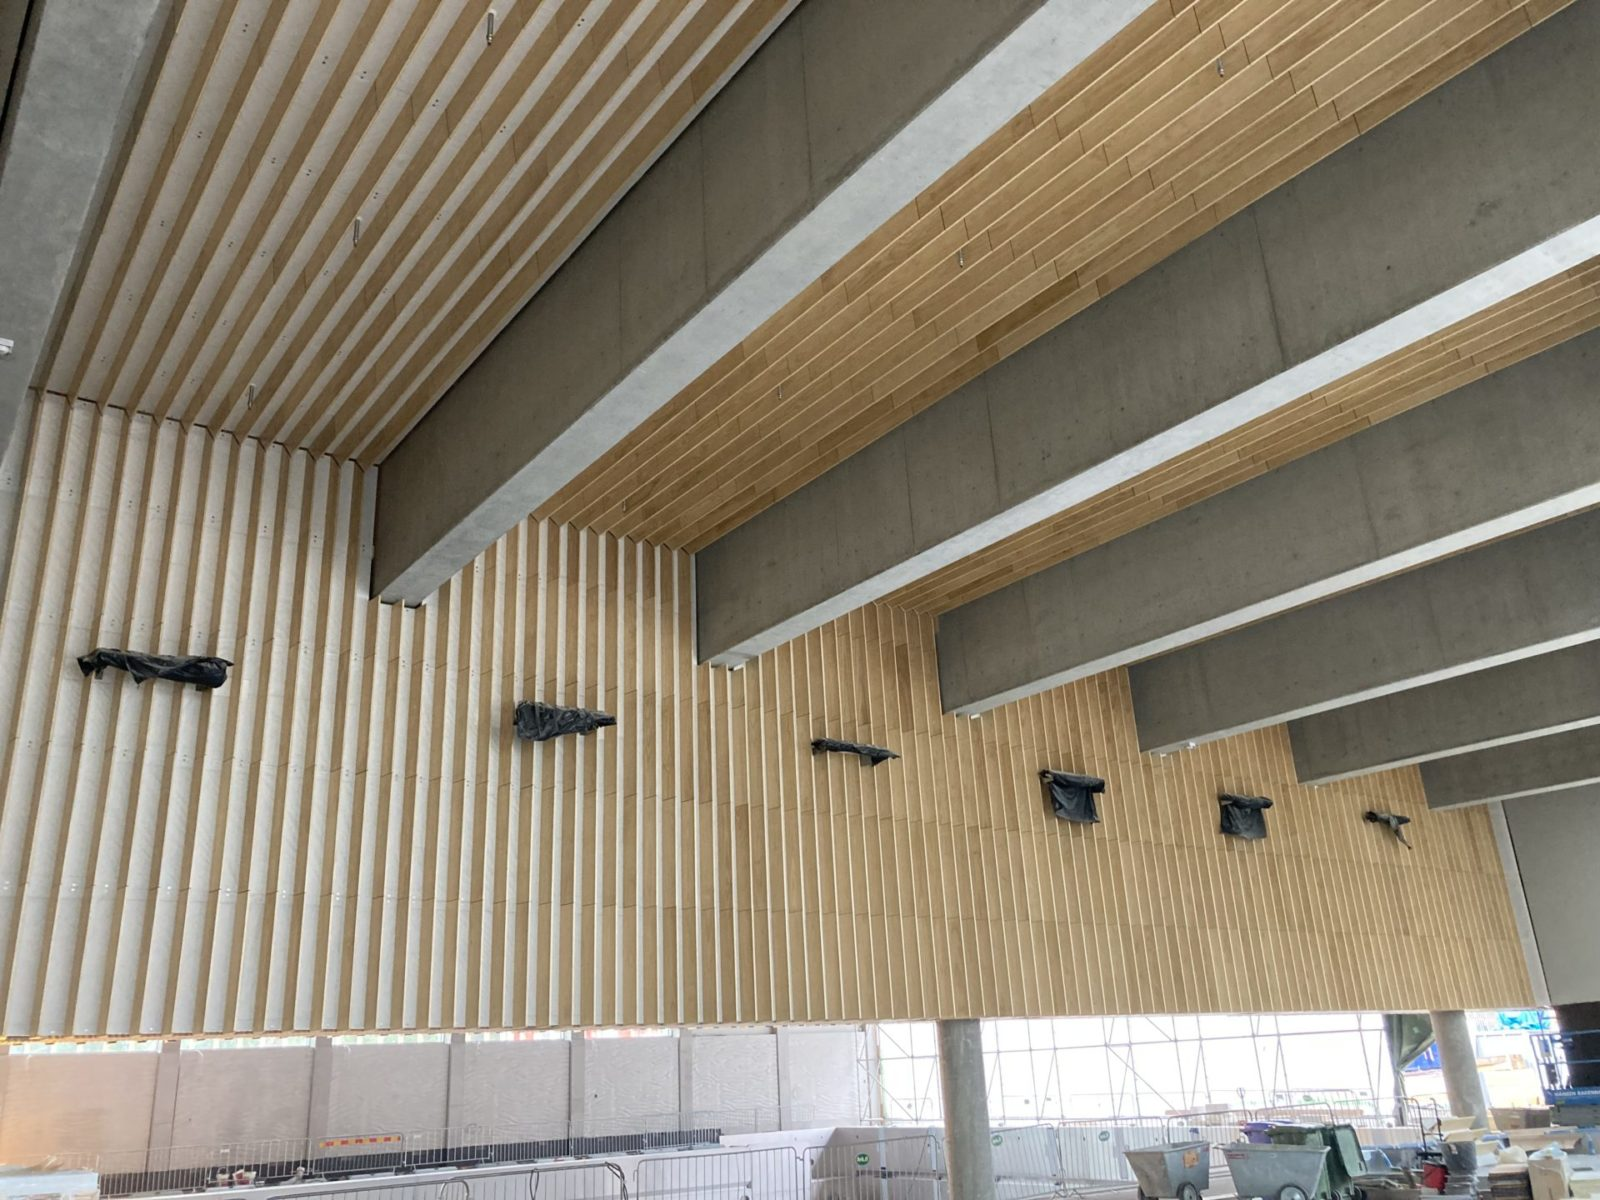 Matinkylän uimahalli_allashuoneen katto